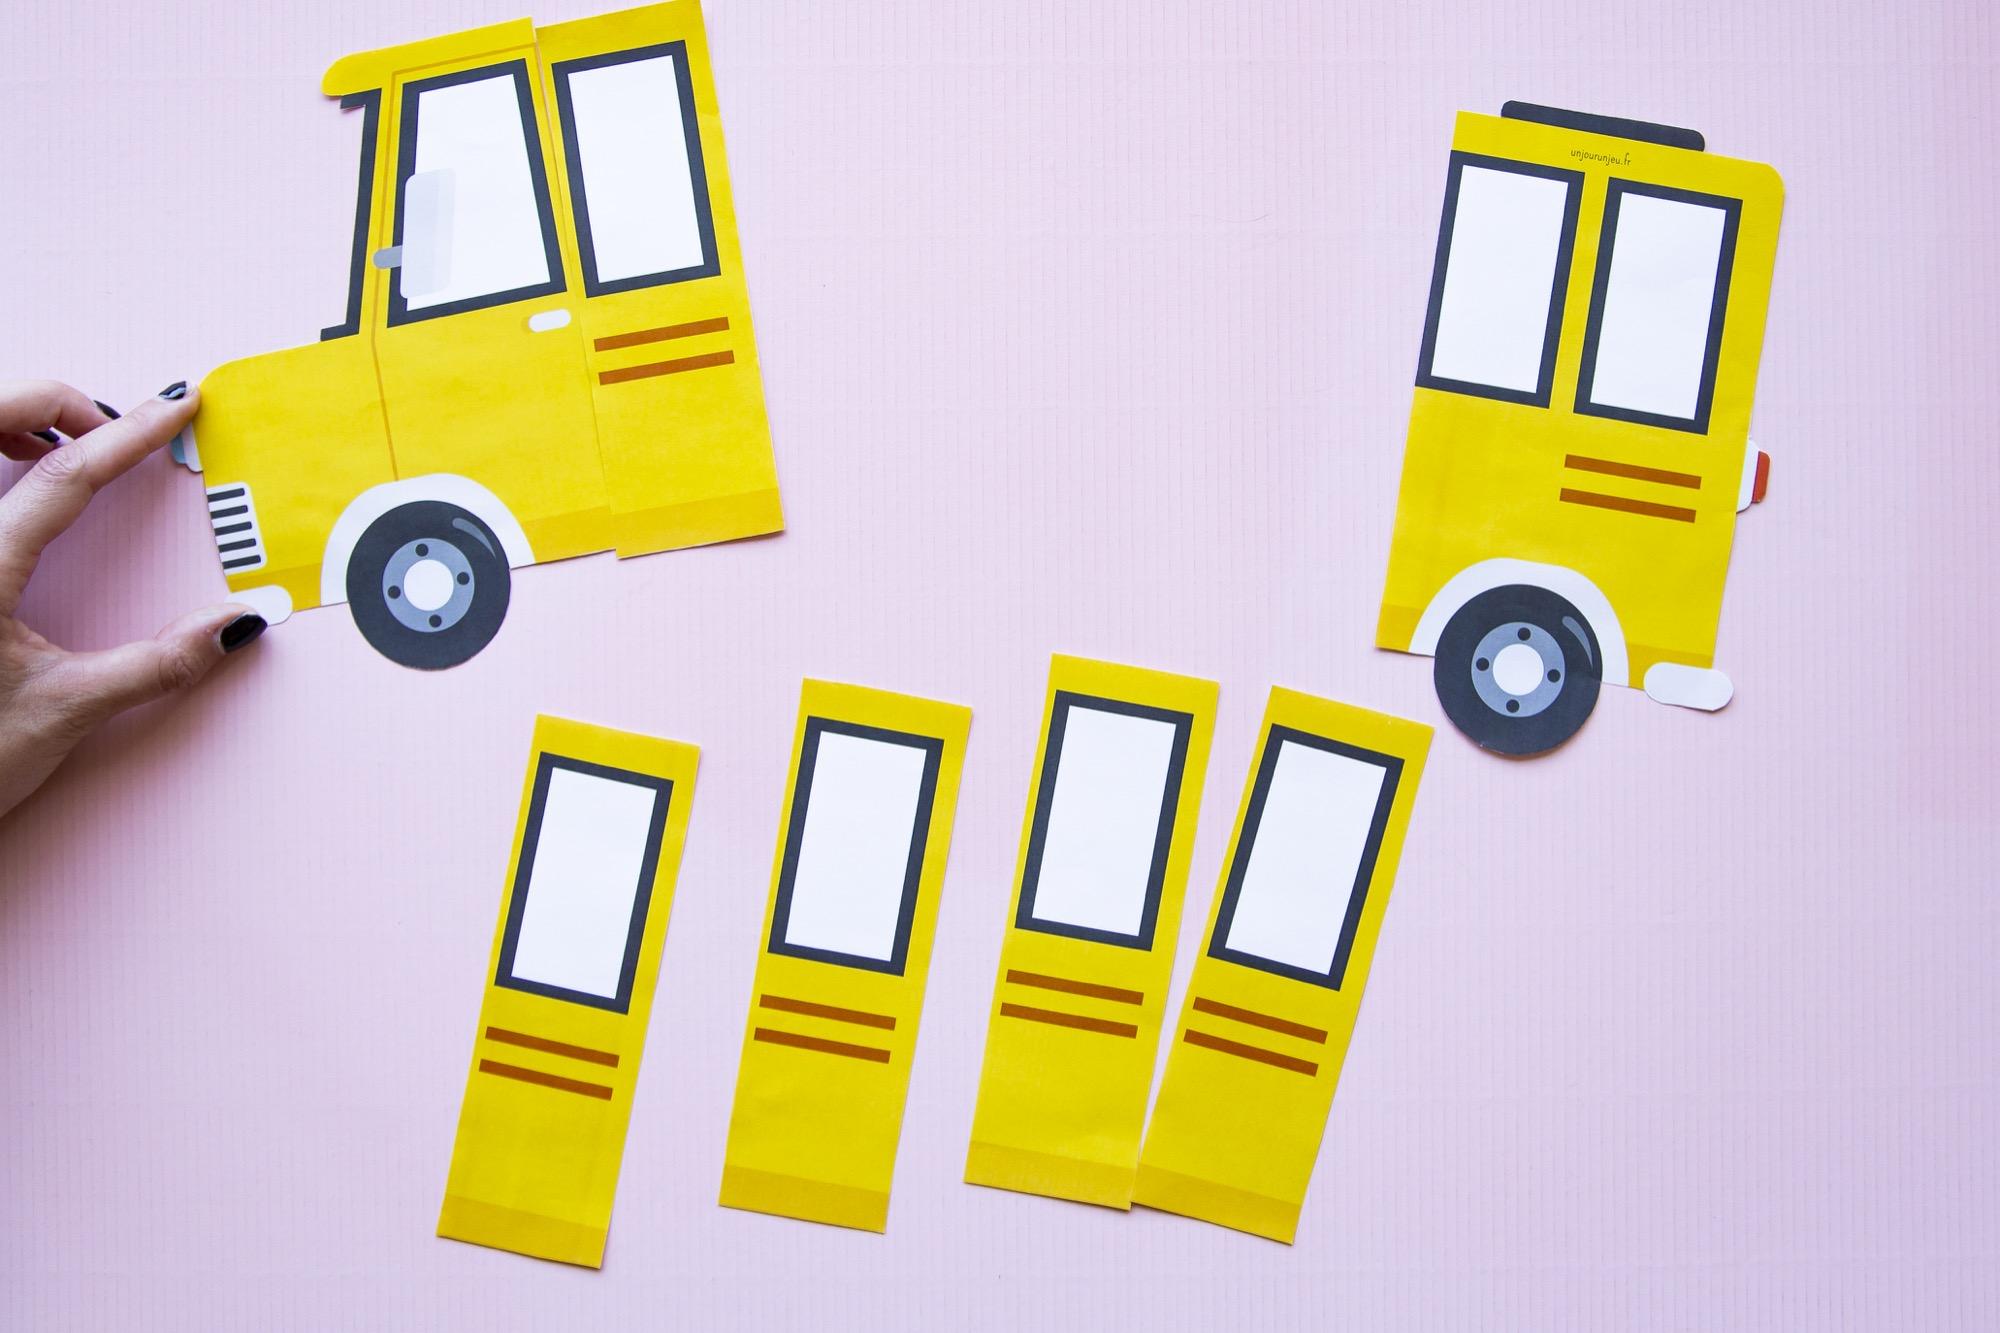 Fiche prénom bus scolaire - étape 3